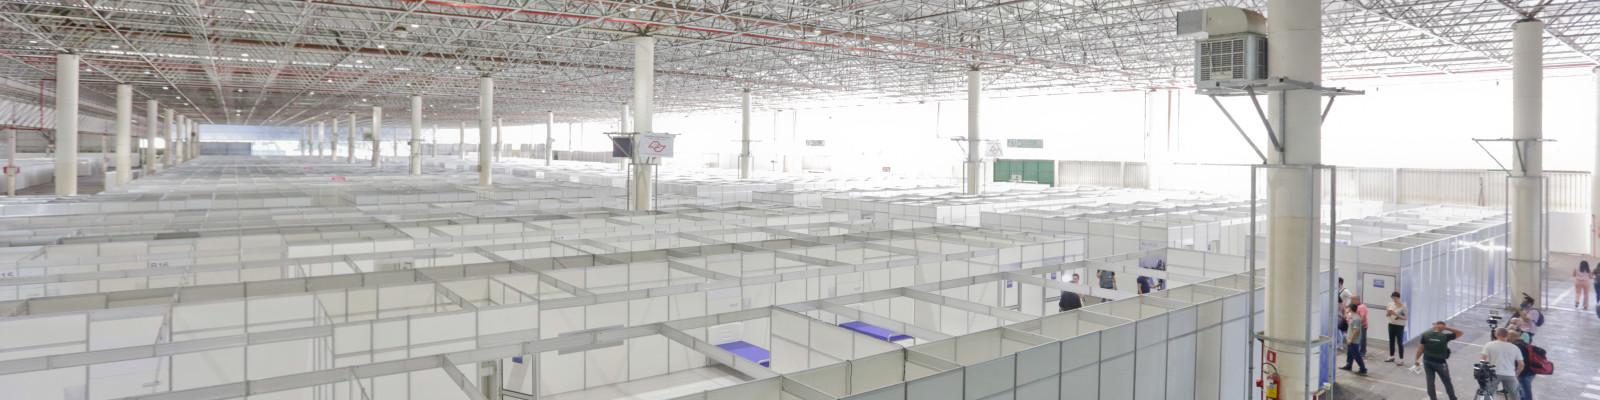 Anhembi Pavilhão Oeste  - São Paulo (SP) - 02.04.2020 - Vista da montagem de hospital de campanha nas dependências do Pavilhão Oeste do Anhembi.  Foto: Jose Cordeiro/SPTuris